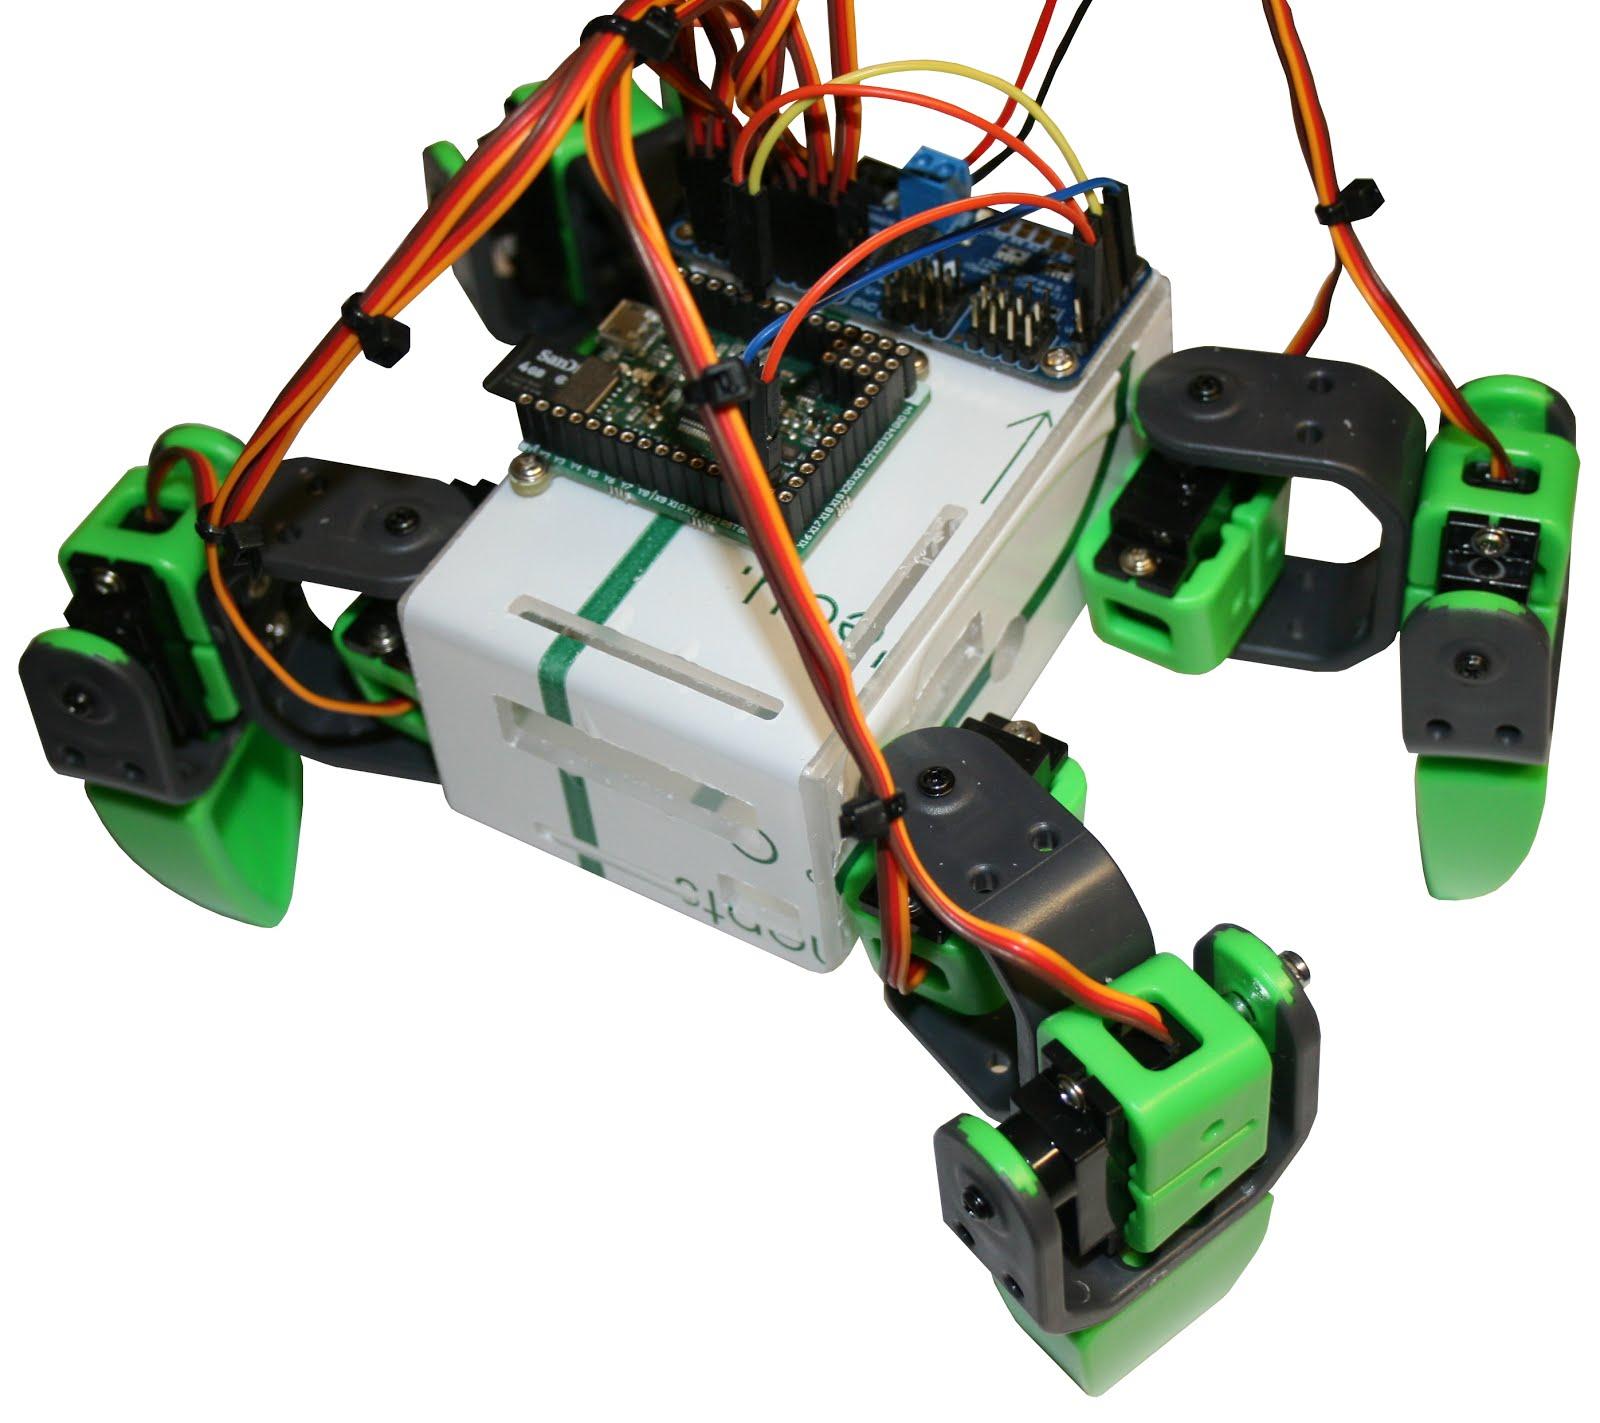 doggy un robot 4 pattes 8 servos pour arduino micropython et raspberry pi mchobby le blog. Black Bedroom Furniture Sets. Home Design Ideas